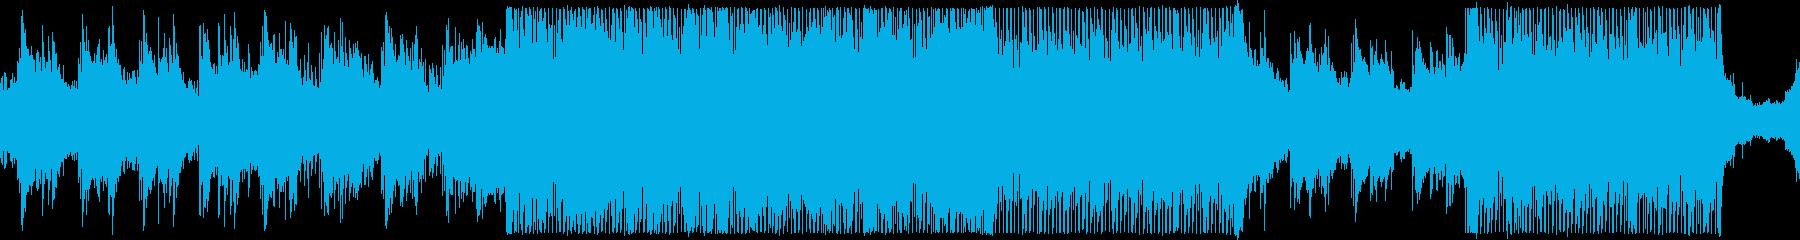 プログレッシブハウス。メロディック...の再生済みの波形